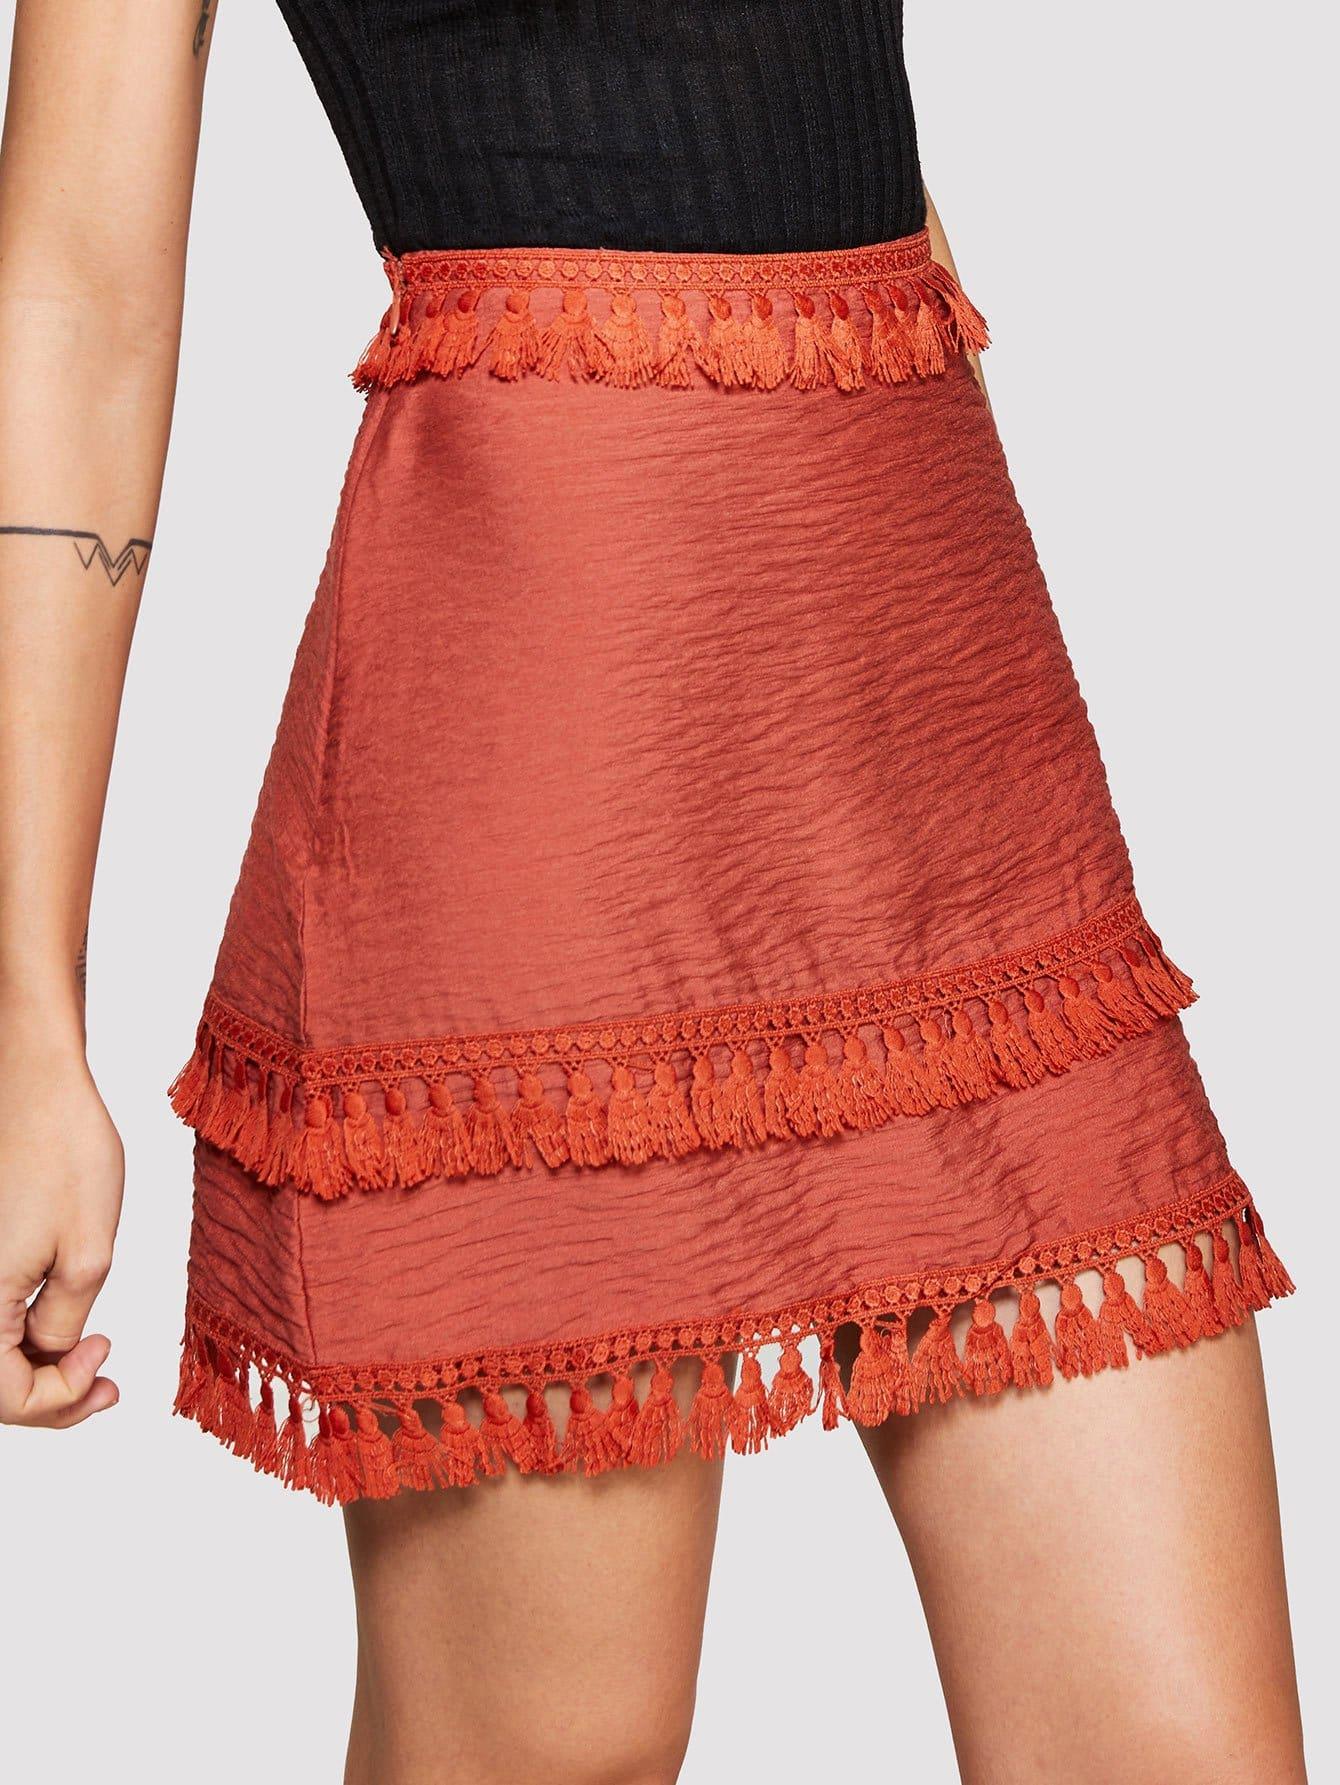 Fringe Hem Zip Up Side Skirt zip up side plaid dress